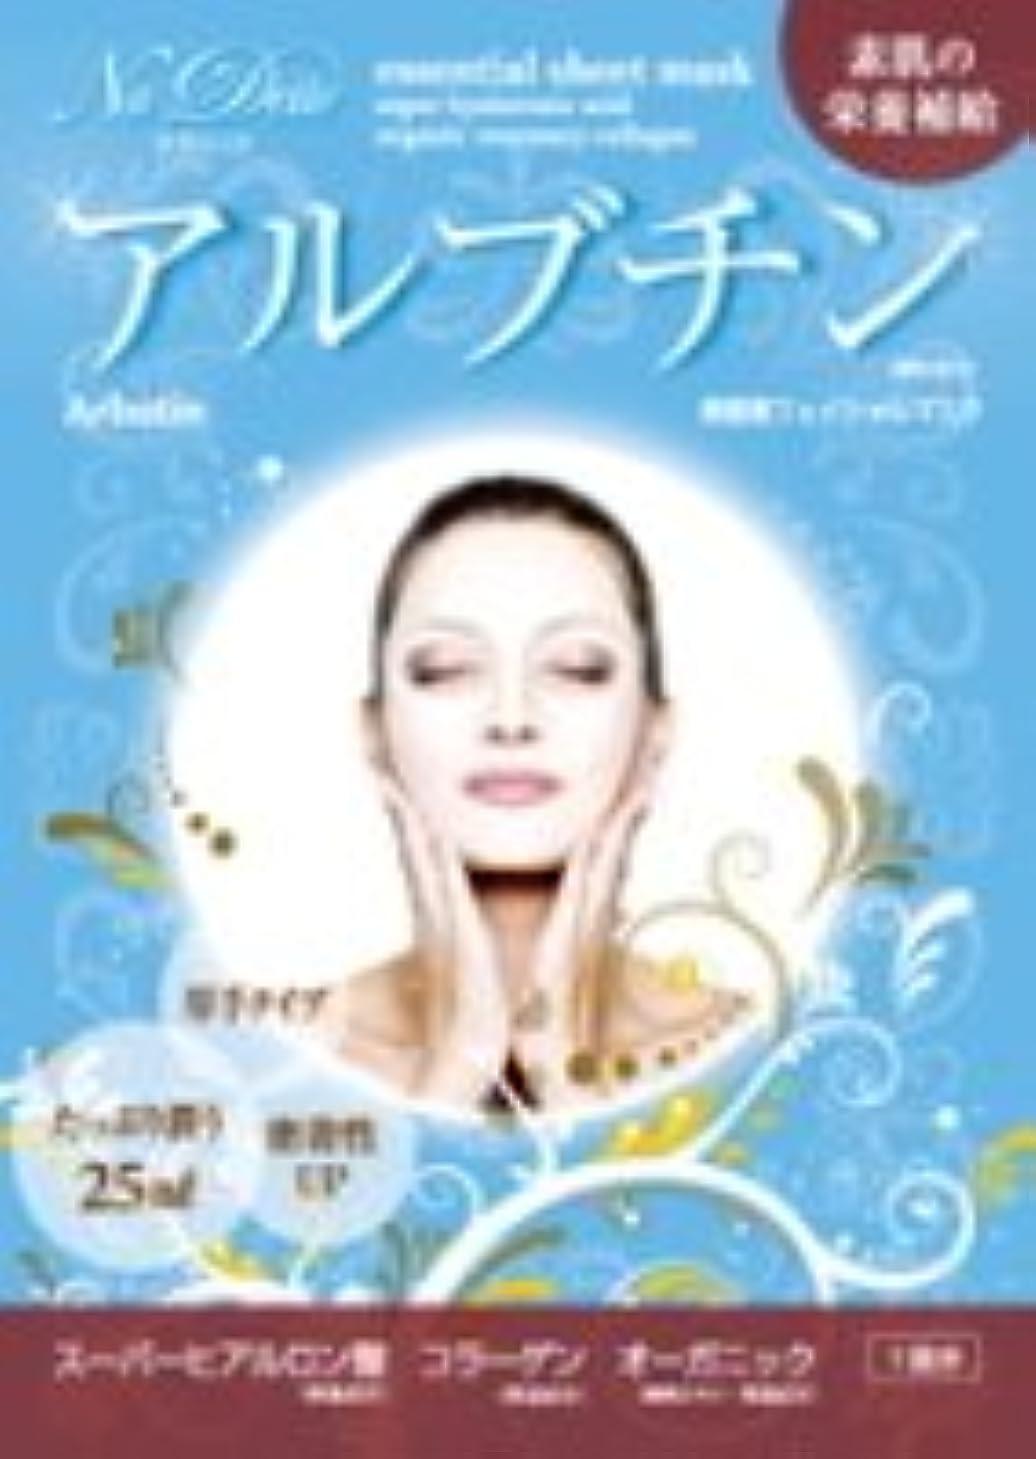 聖書タッチレンジフェイスマスクシリーズ「ナディーテ」エッセンスシートマスク(アルブチン)